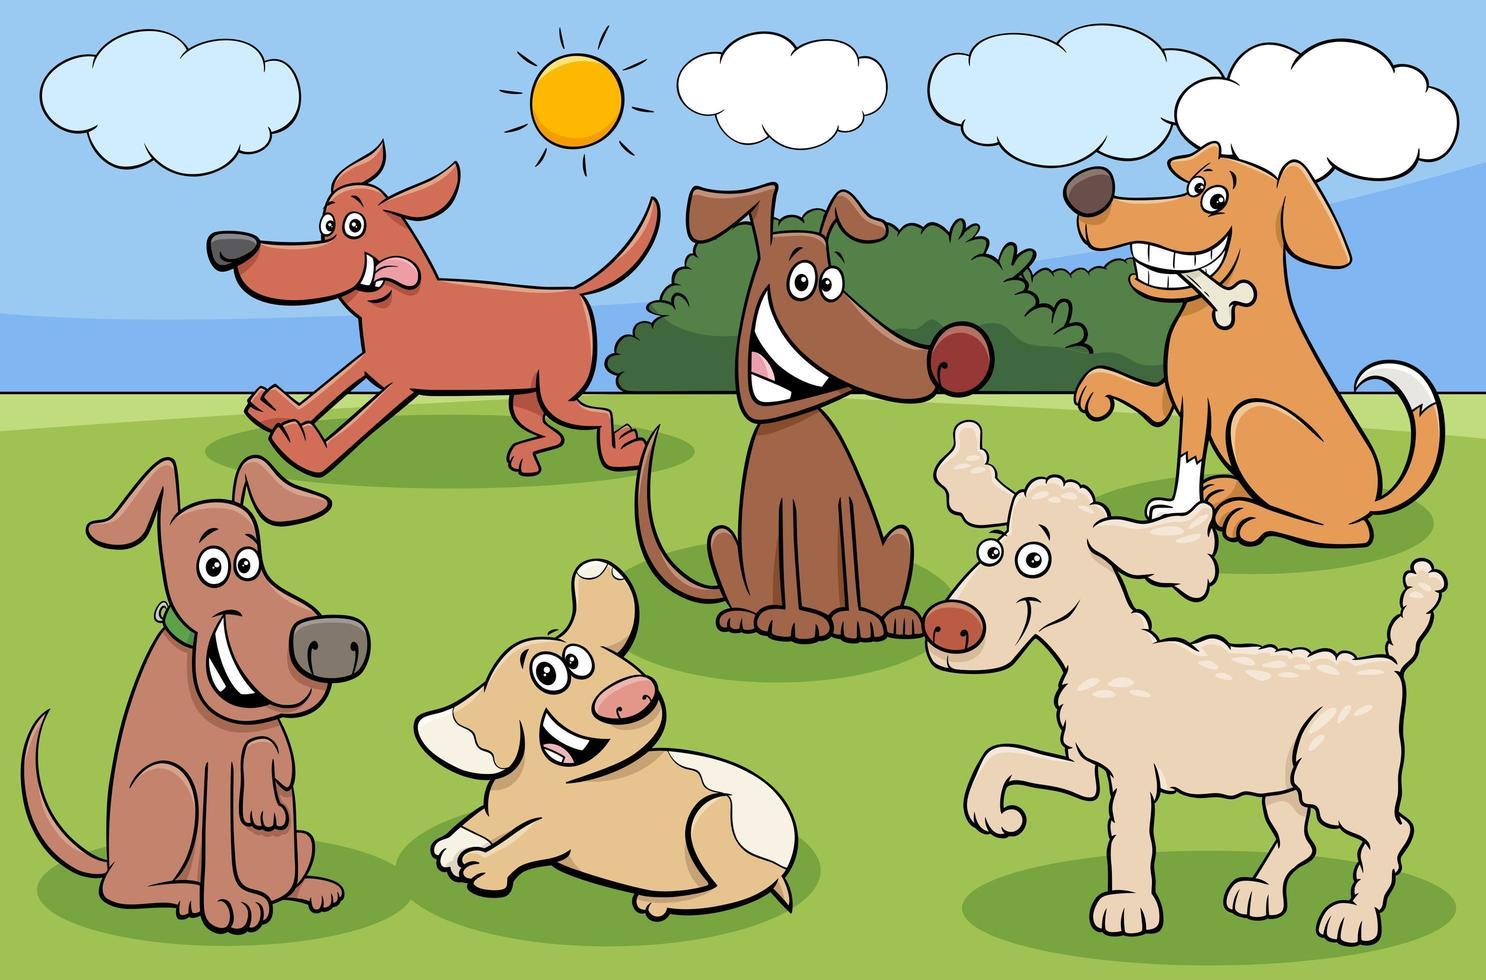 dibujos animados de perros y cachorros grupo de personajes divertidos vector